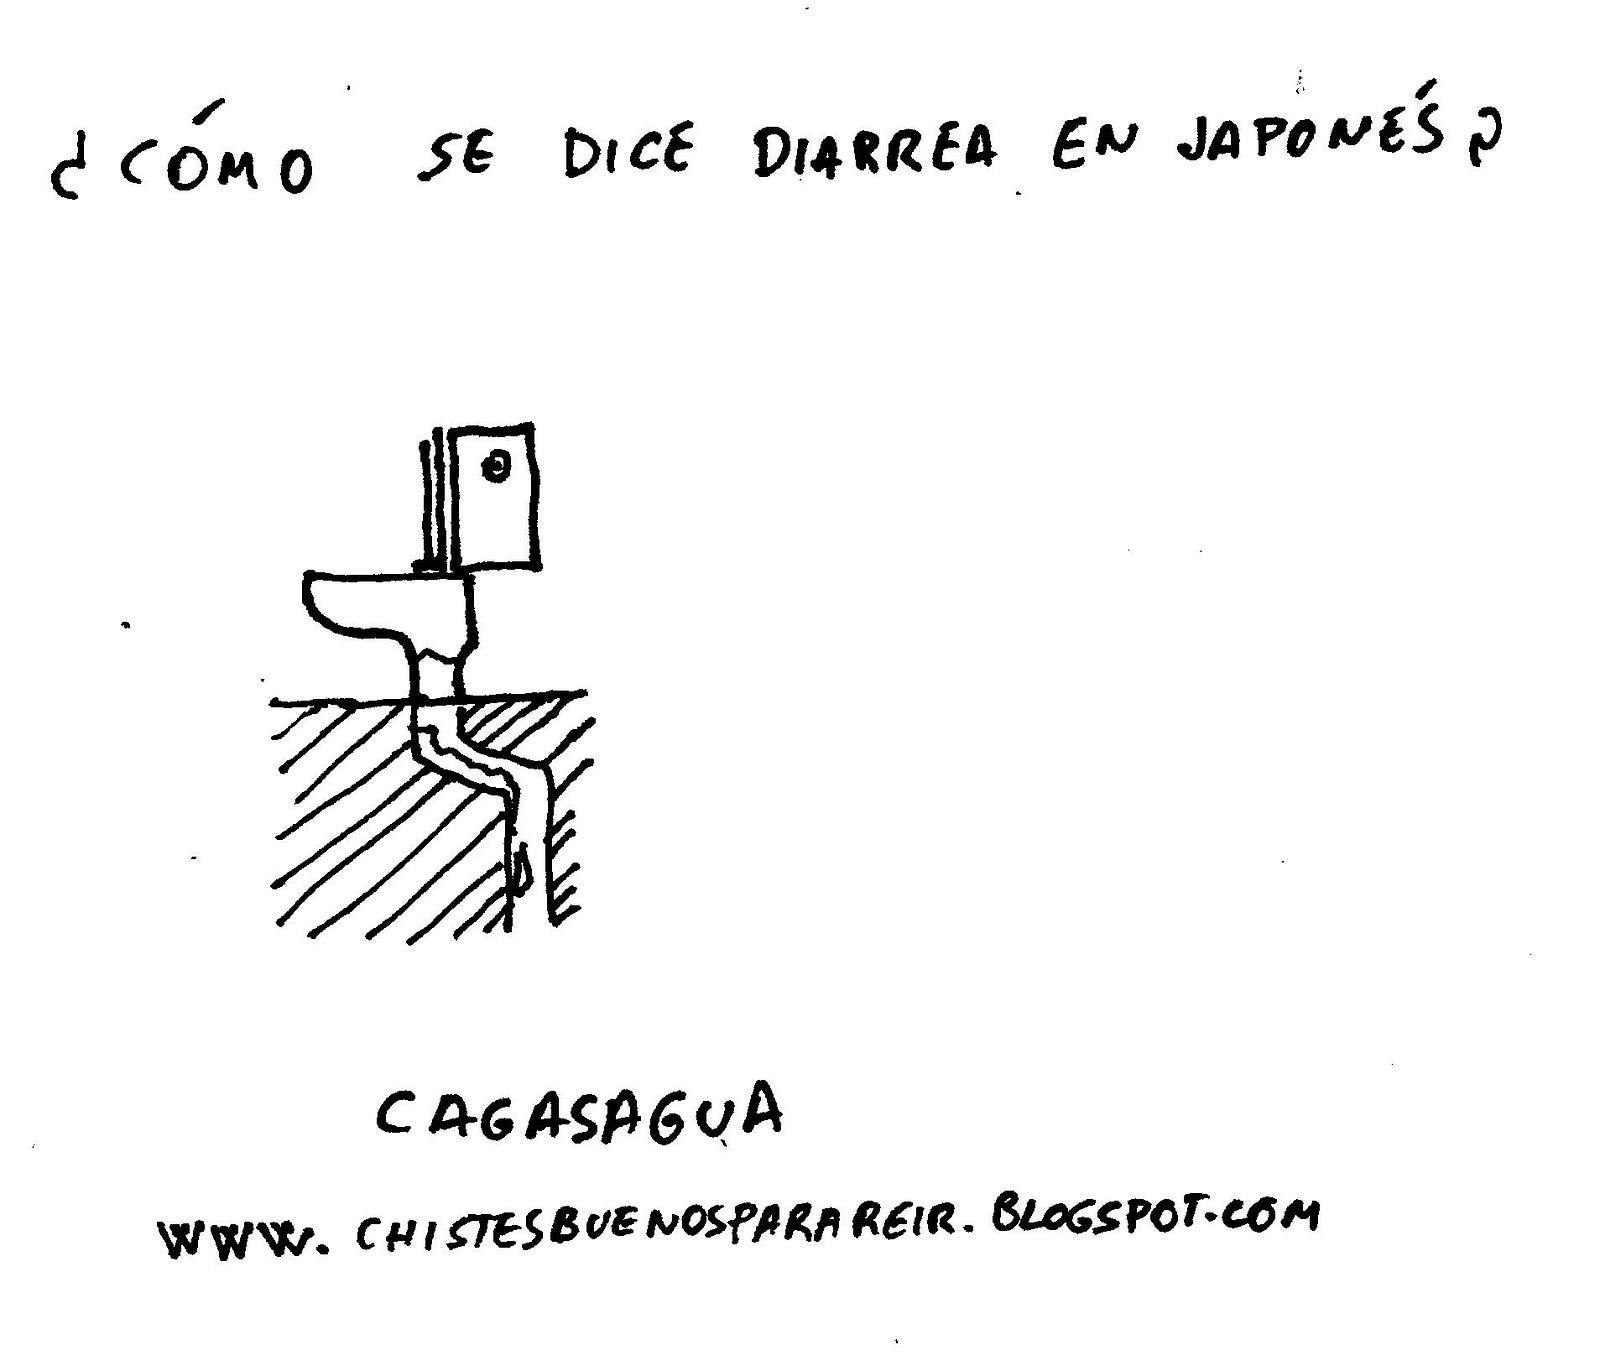 Chiste De Como Se Dice Diarrea En Japones Carlos